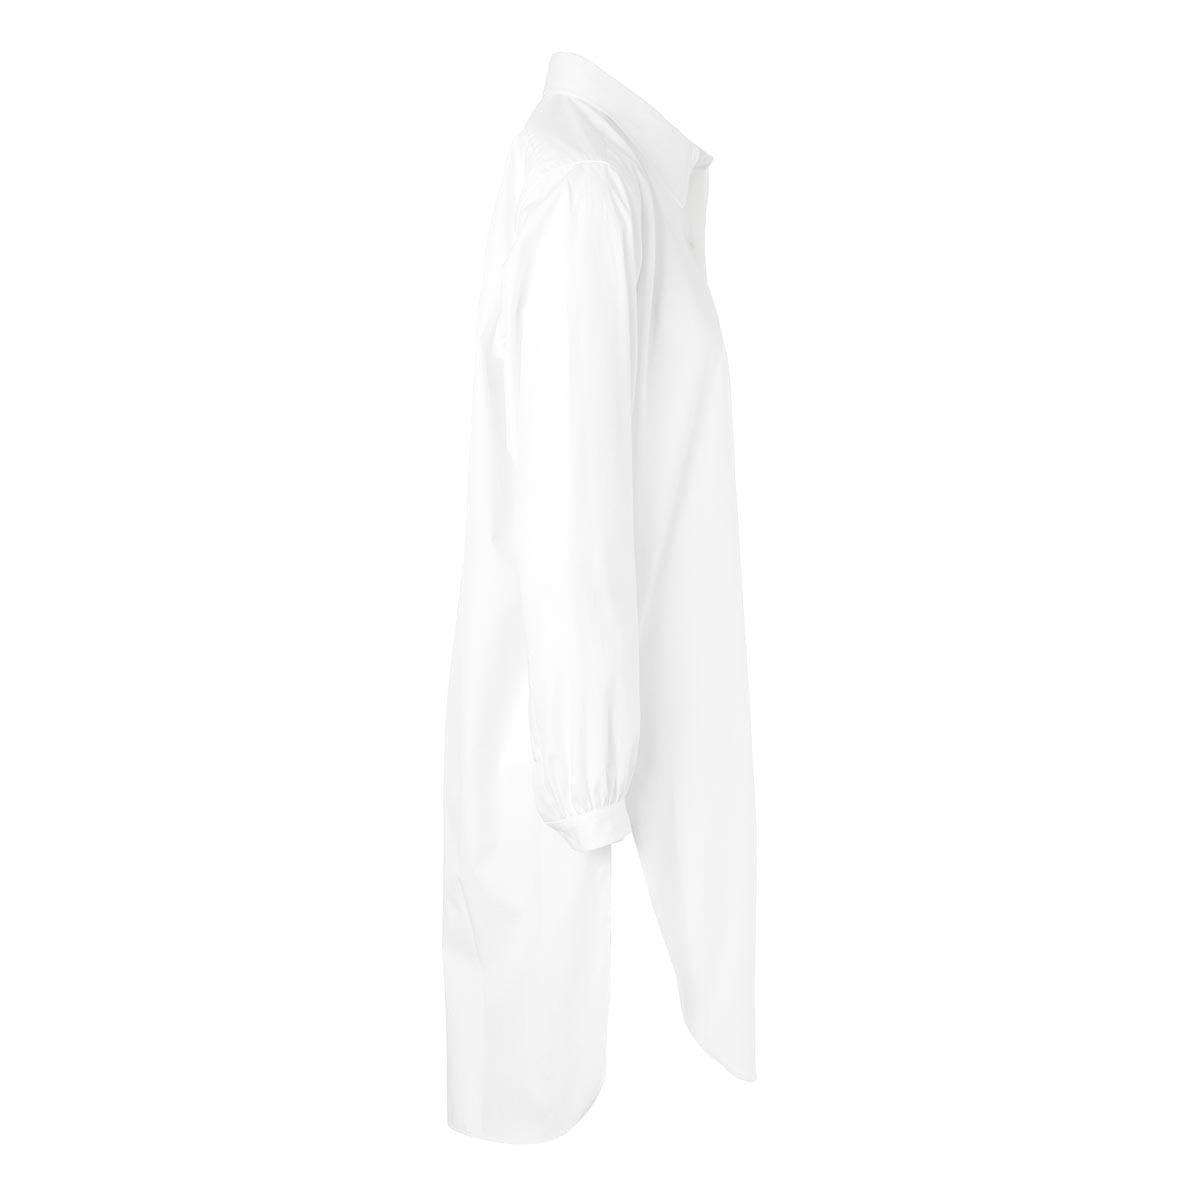 Maison Margiela メゾンマルジェラ 長袖シャツ/オーバーサイズシャツ レディース